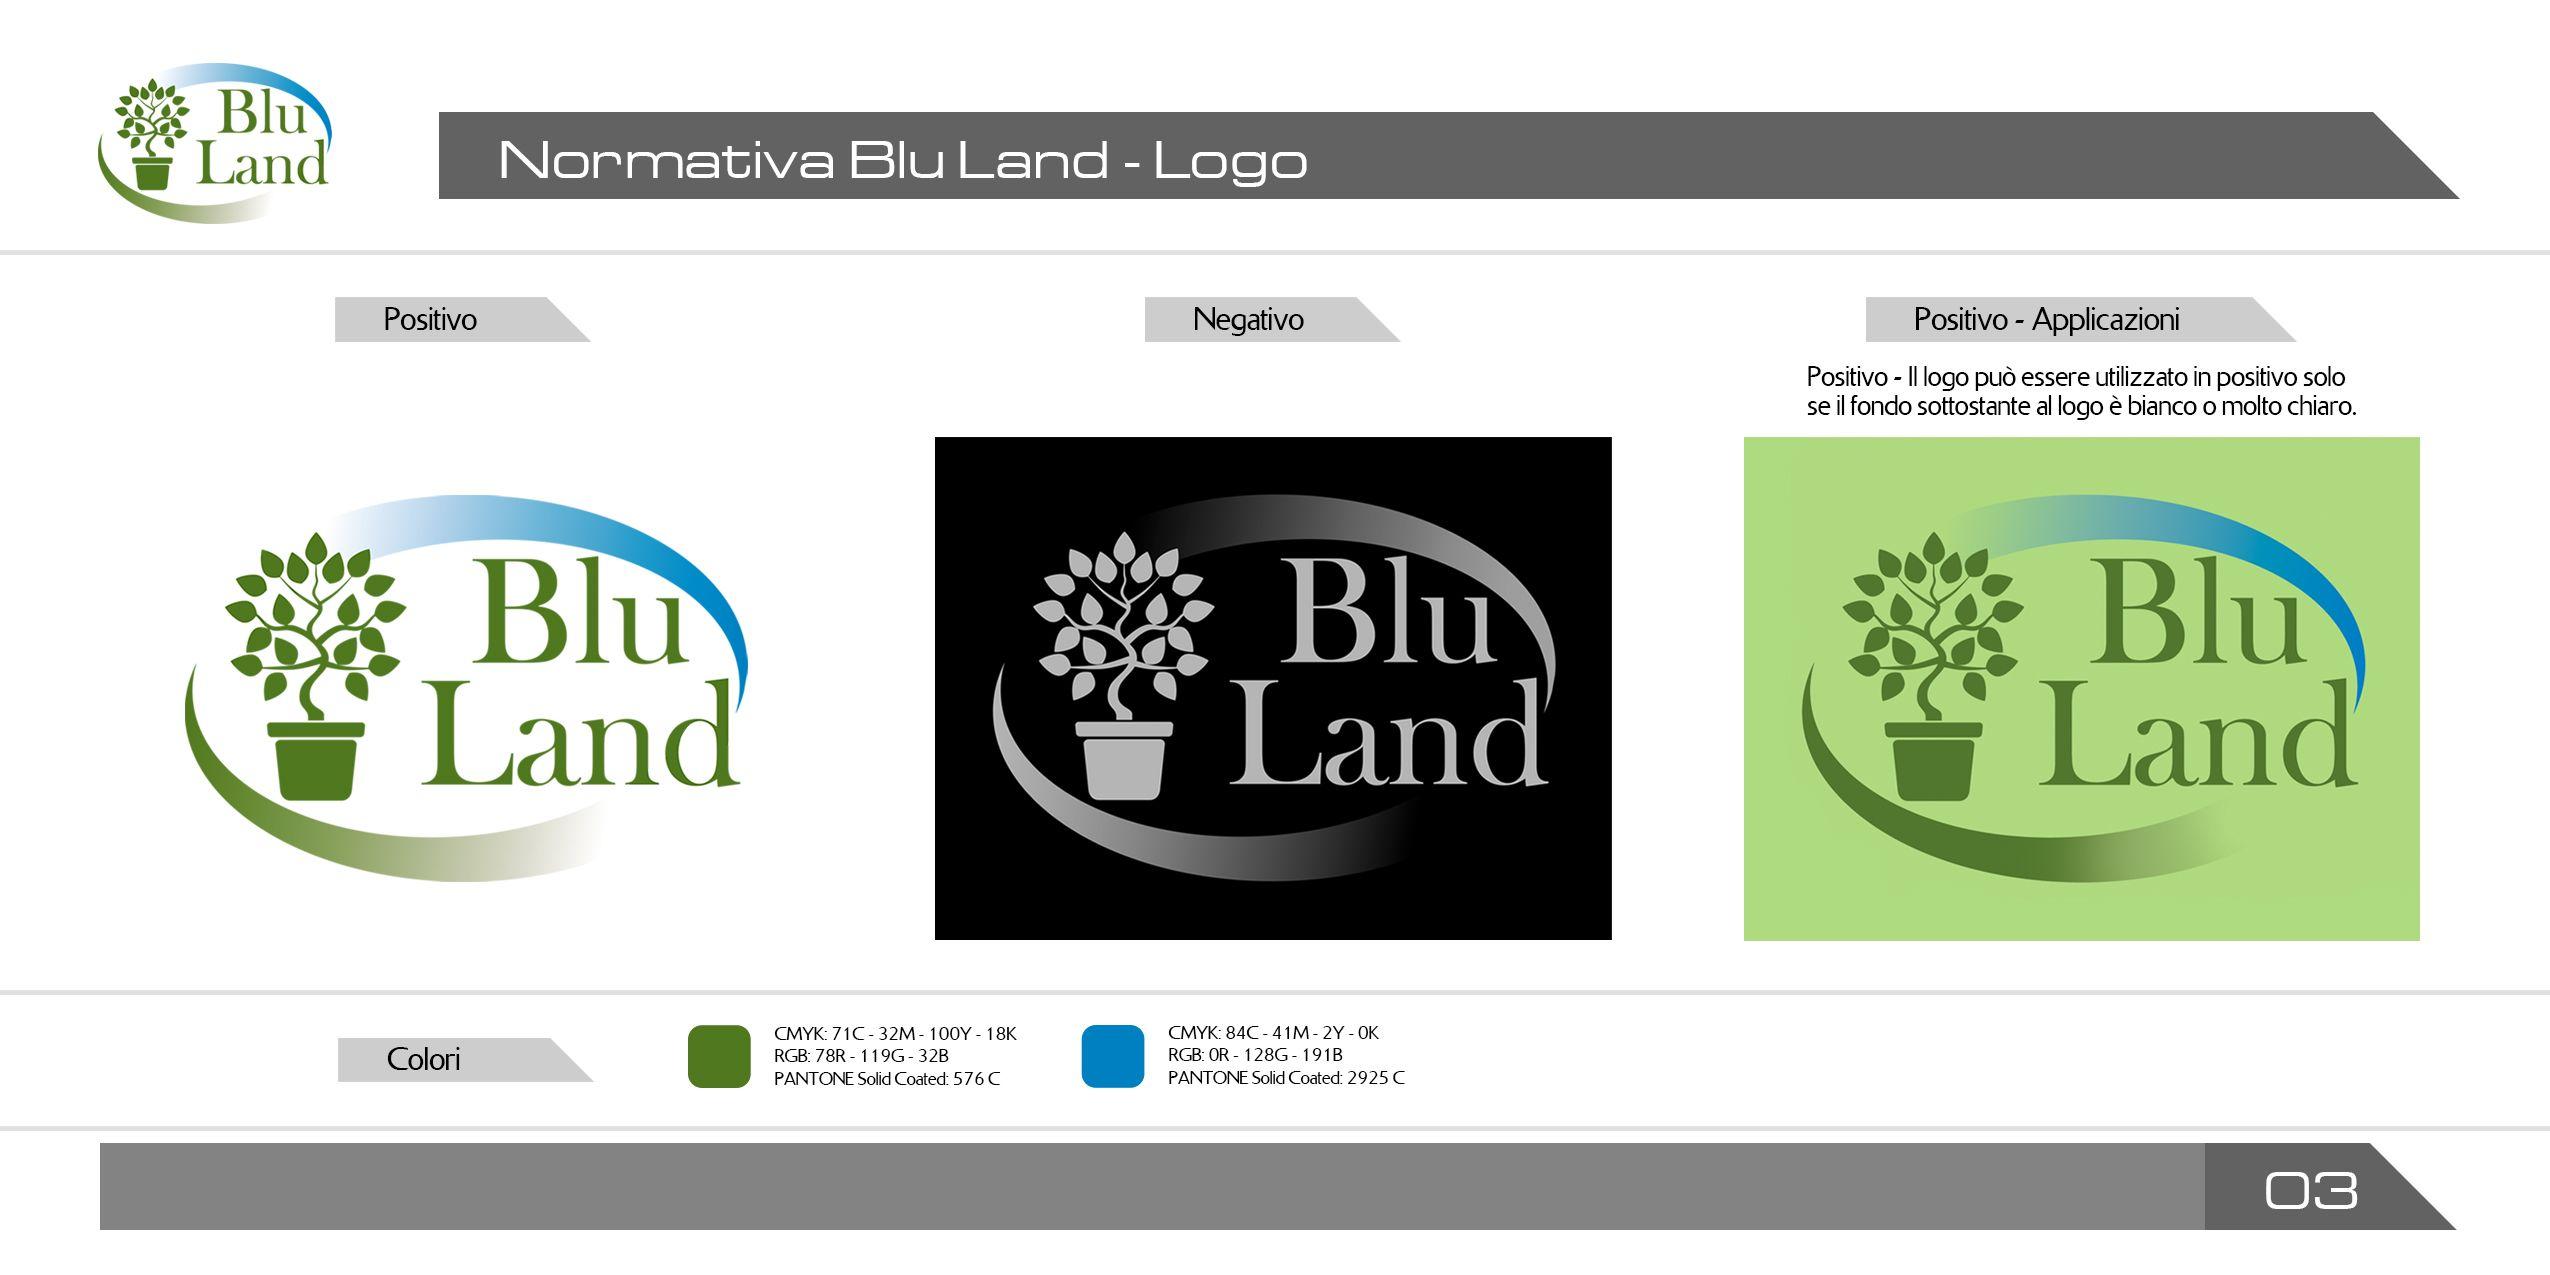 info blu land normativa sull uso corretto del logo committente